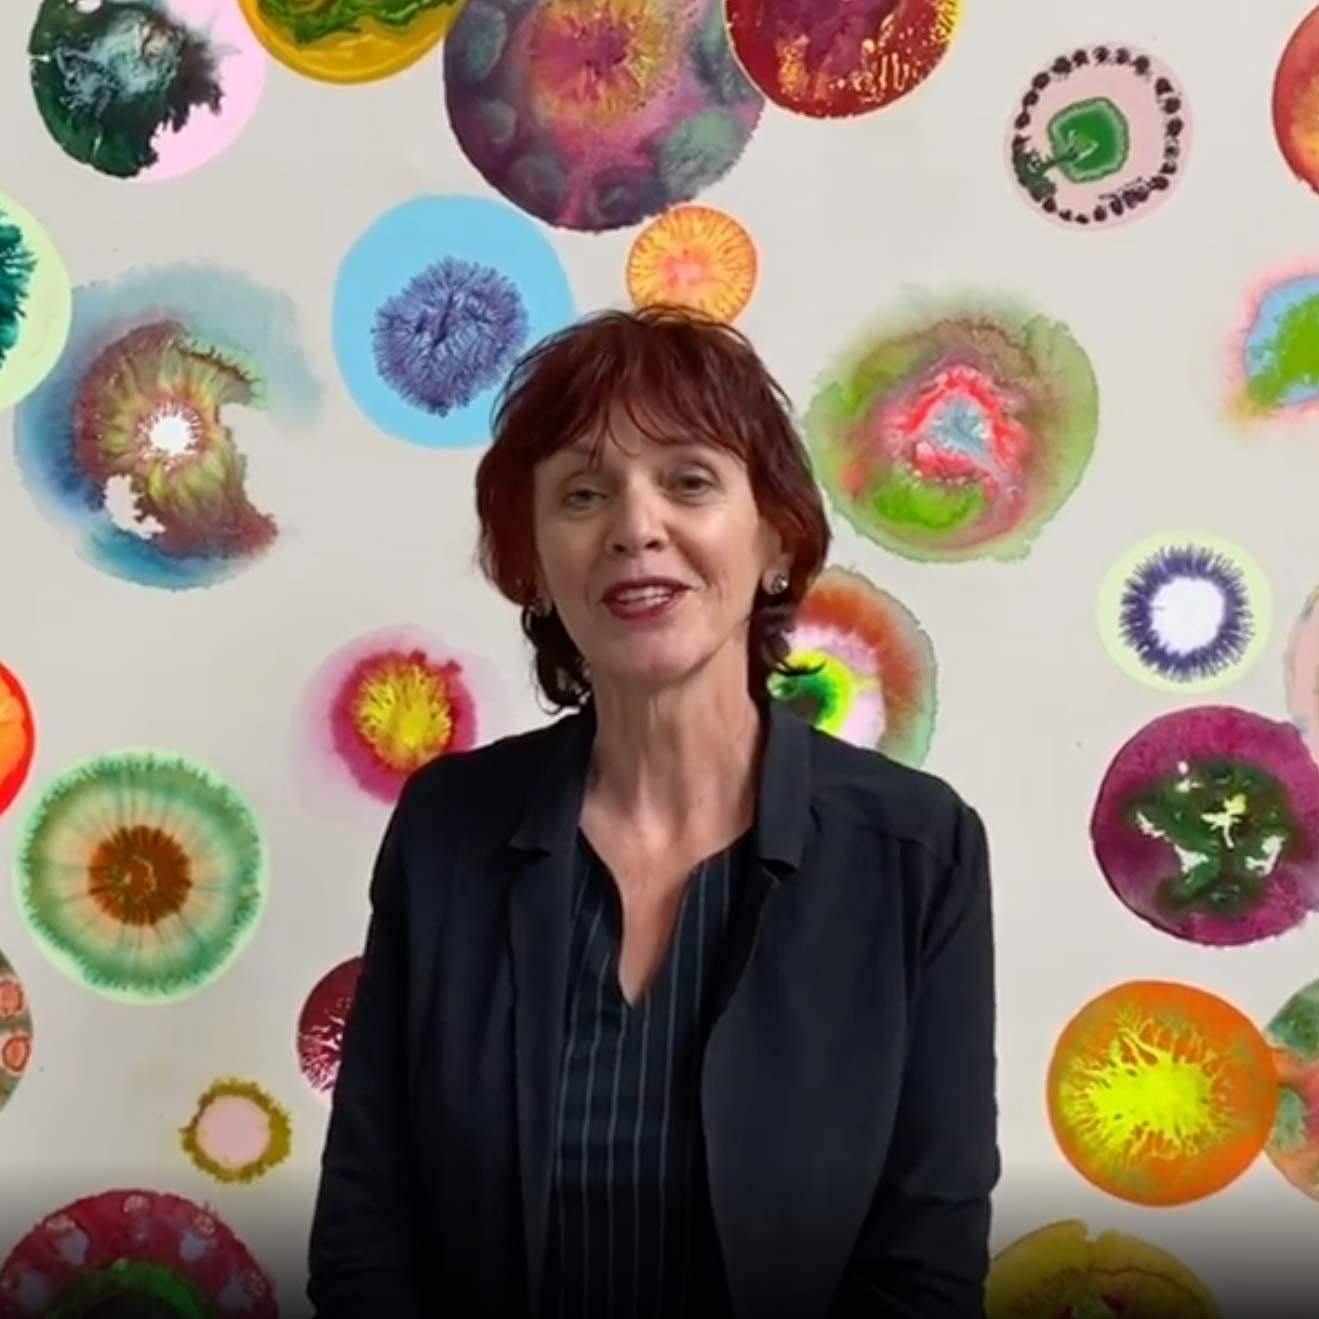 OPEN UP: Seet van Hout at her studio